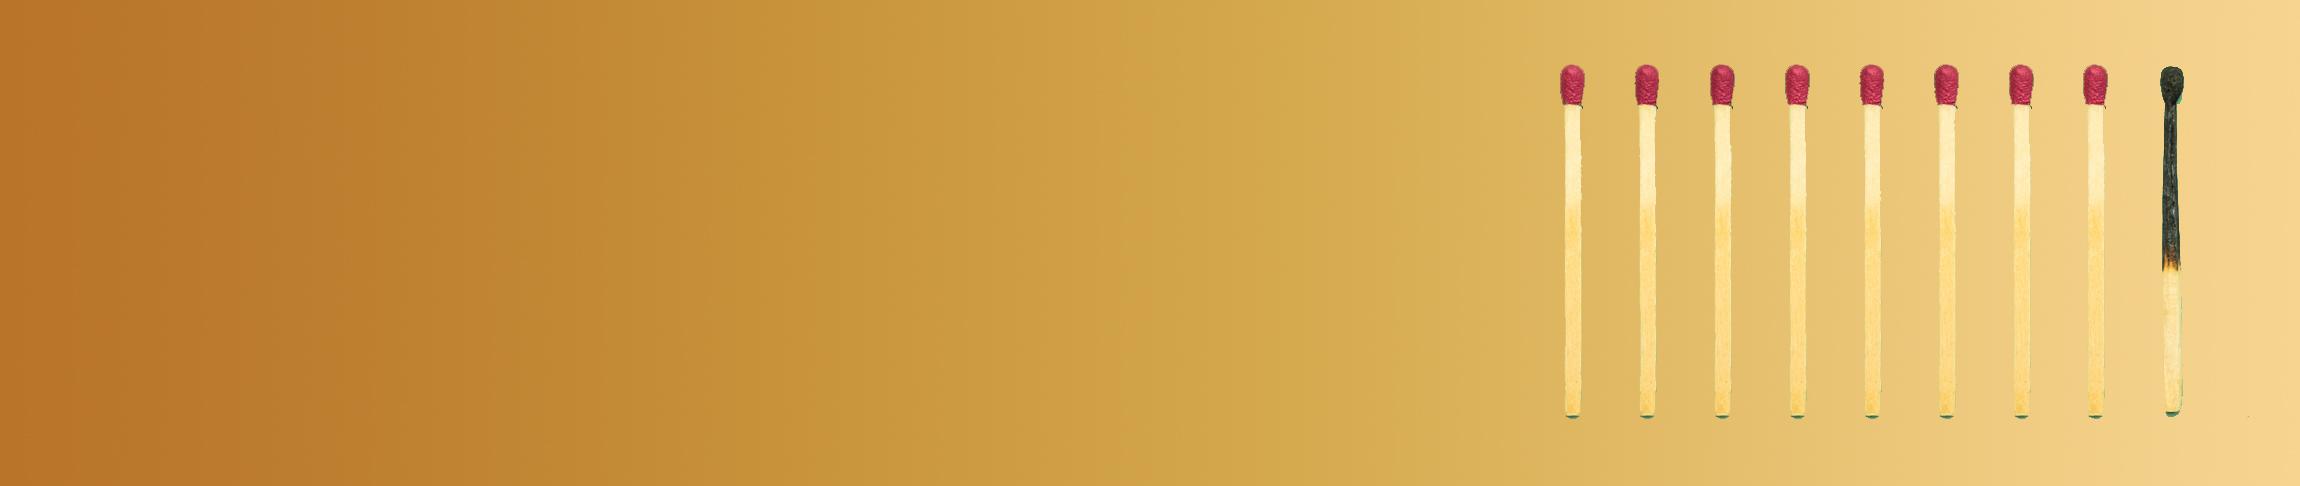 Stress, anxiété, sbk hypnose, Saskia Bourakoff, Lausanne, Montreux, Suisse Romande, prévention burn-out, crises d'angoisse, attaques de panique, toc